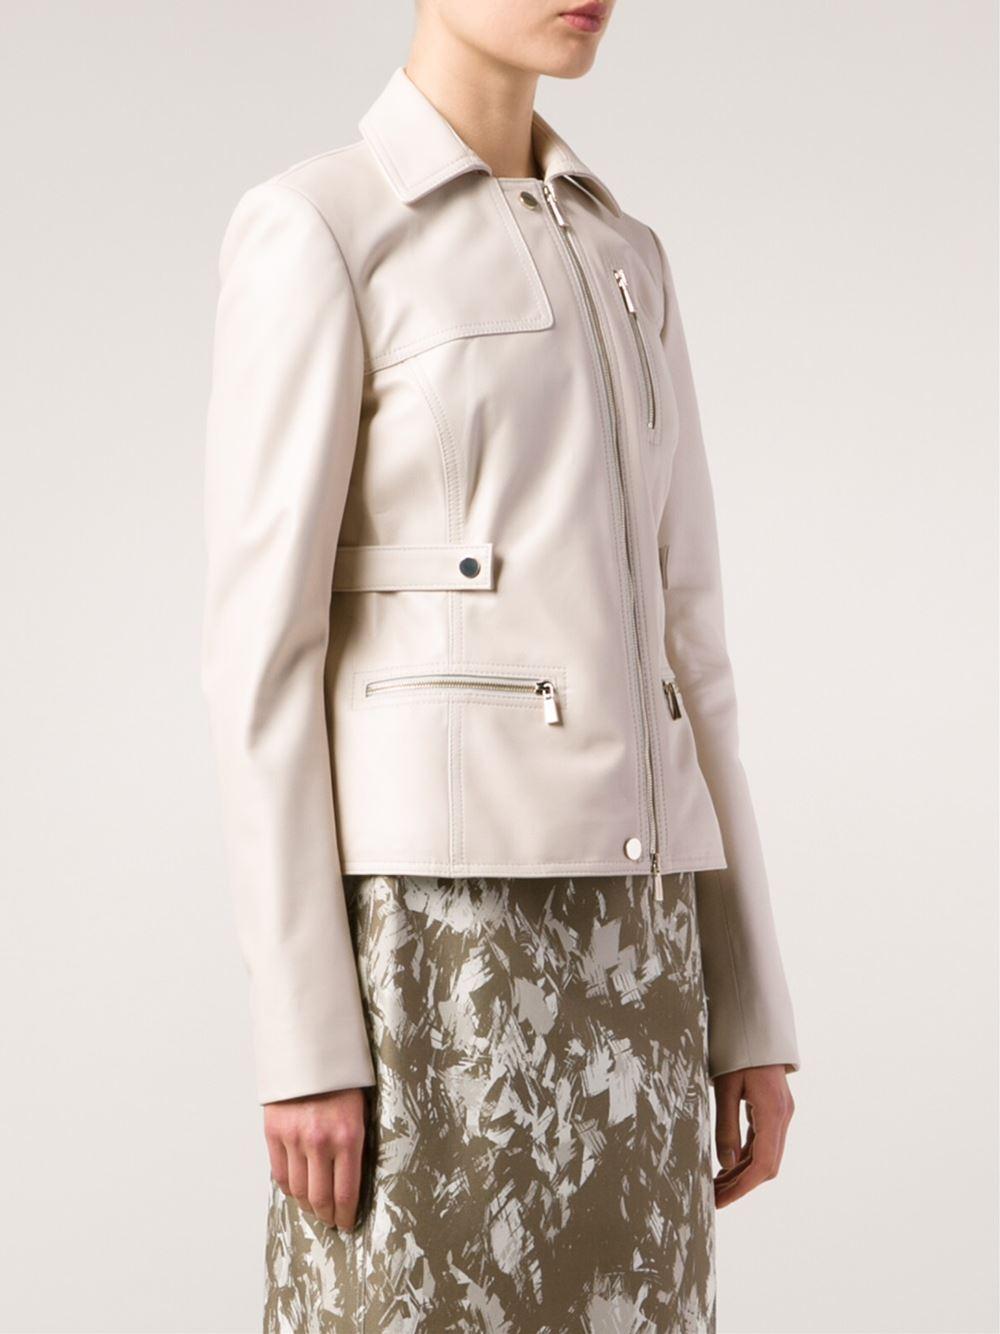 Lyst Jason Wu Field Jacket In White